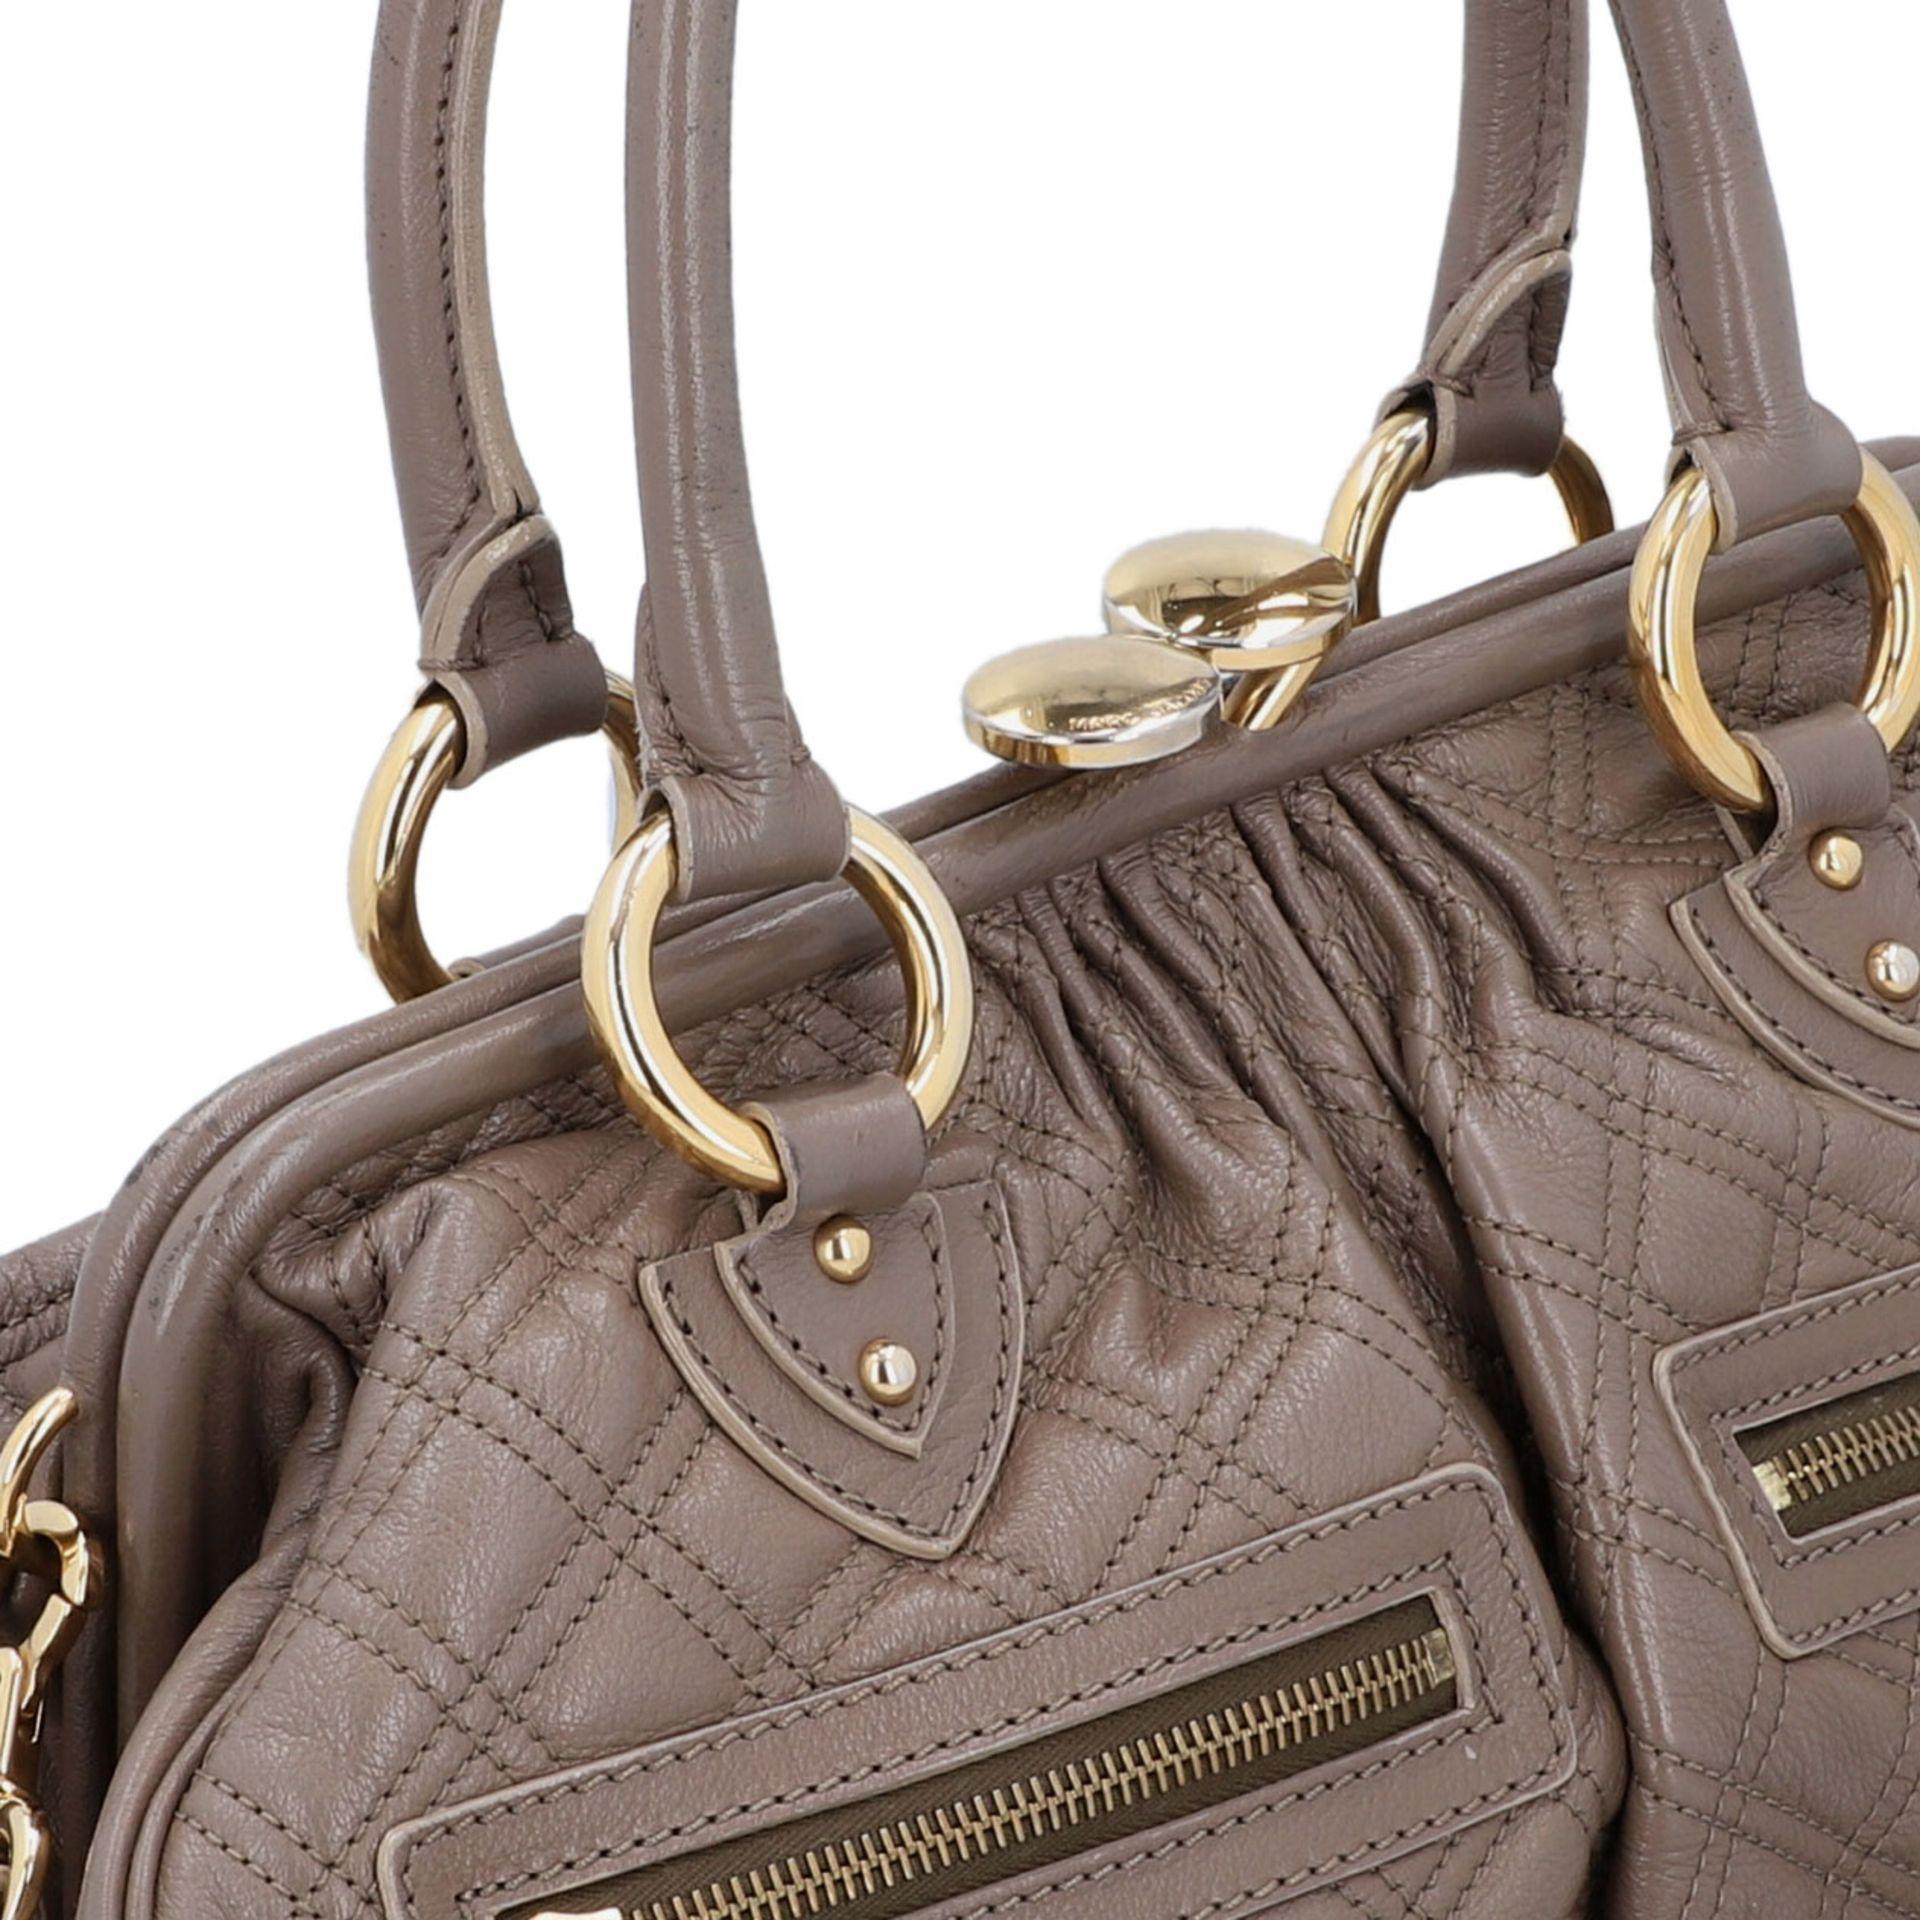 MARC JACOBS Handtasche. Leder in Elefantengrau mit goldfarbener Hardware und Rautenste - Image 8 of 8